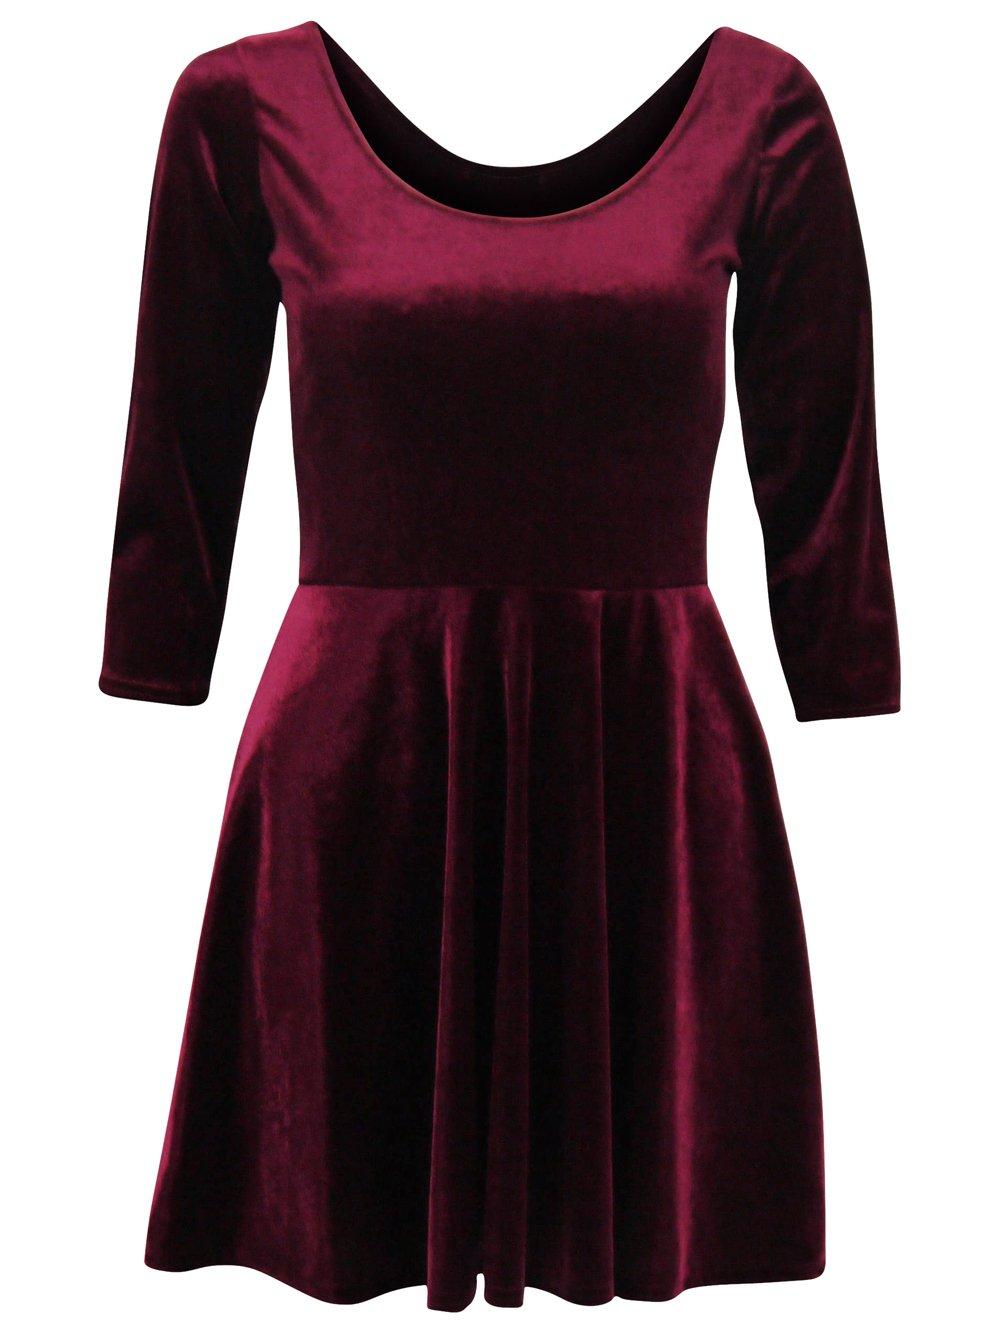 Velvet Skater Dress Picture Collection Dressedupgirl Com